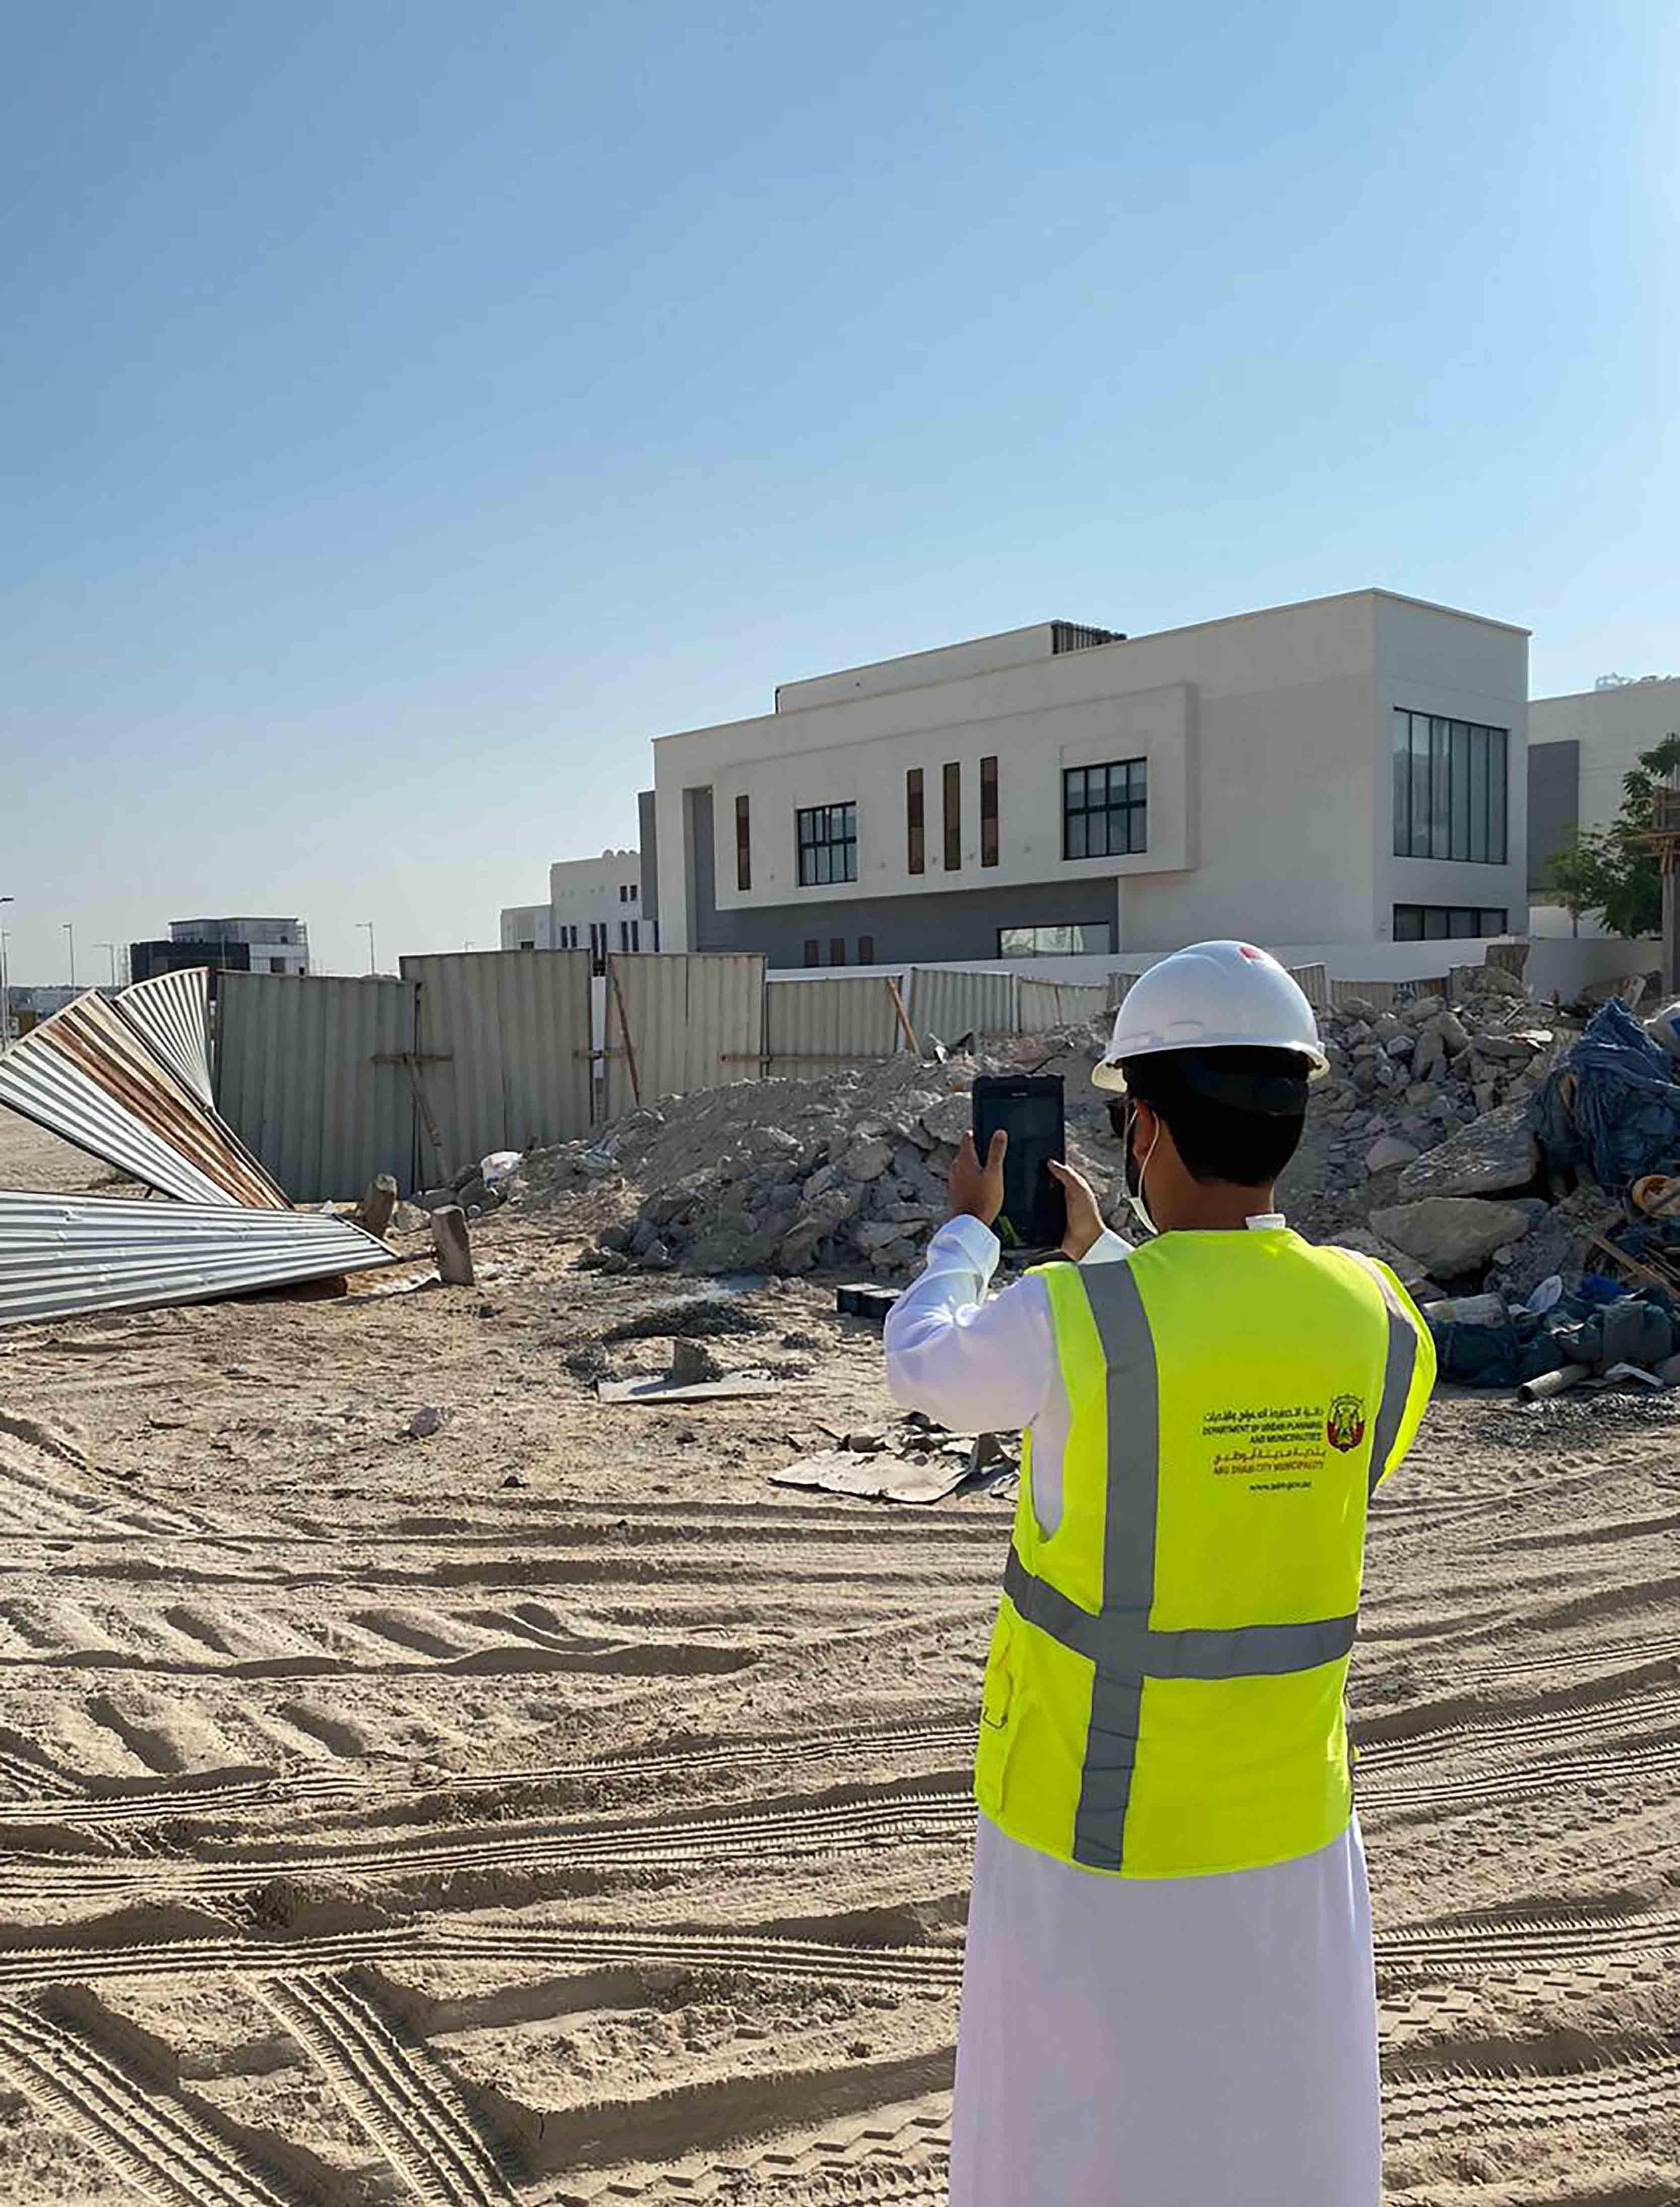 بلدية أبوظبي تنفذ حملة تفتيشية على المواقع الإنشائية